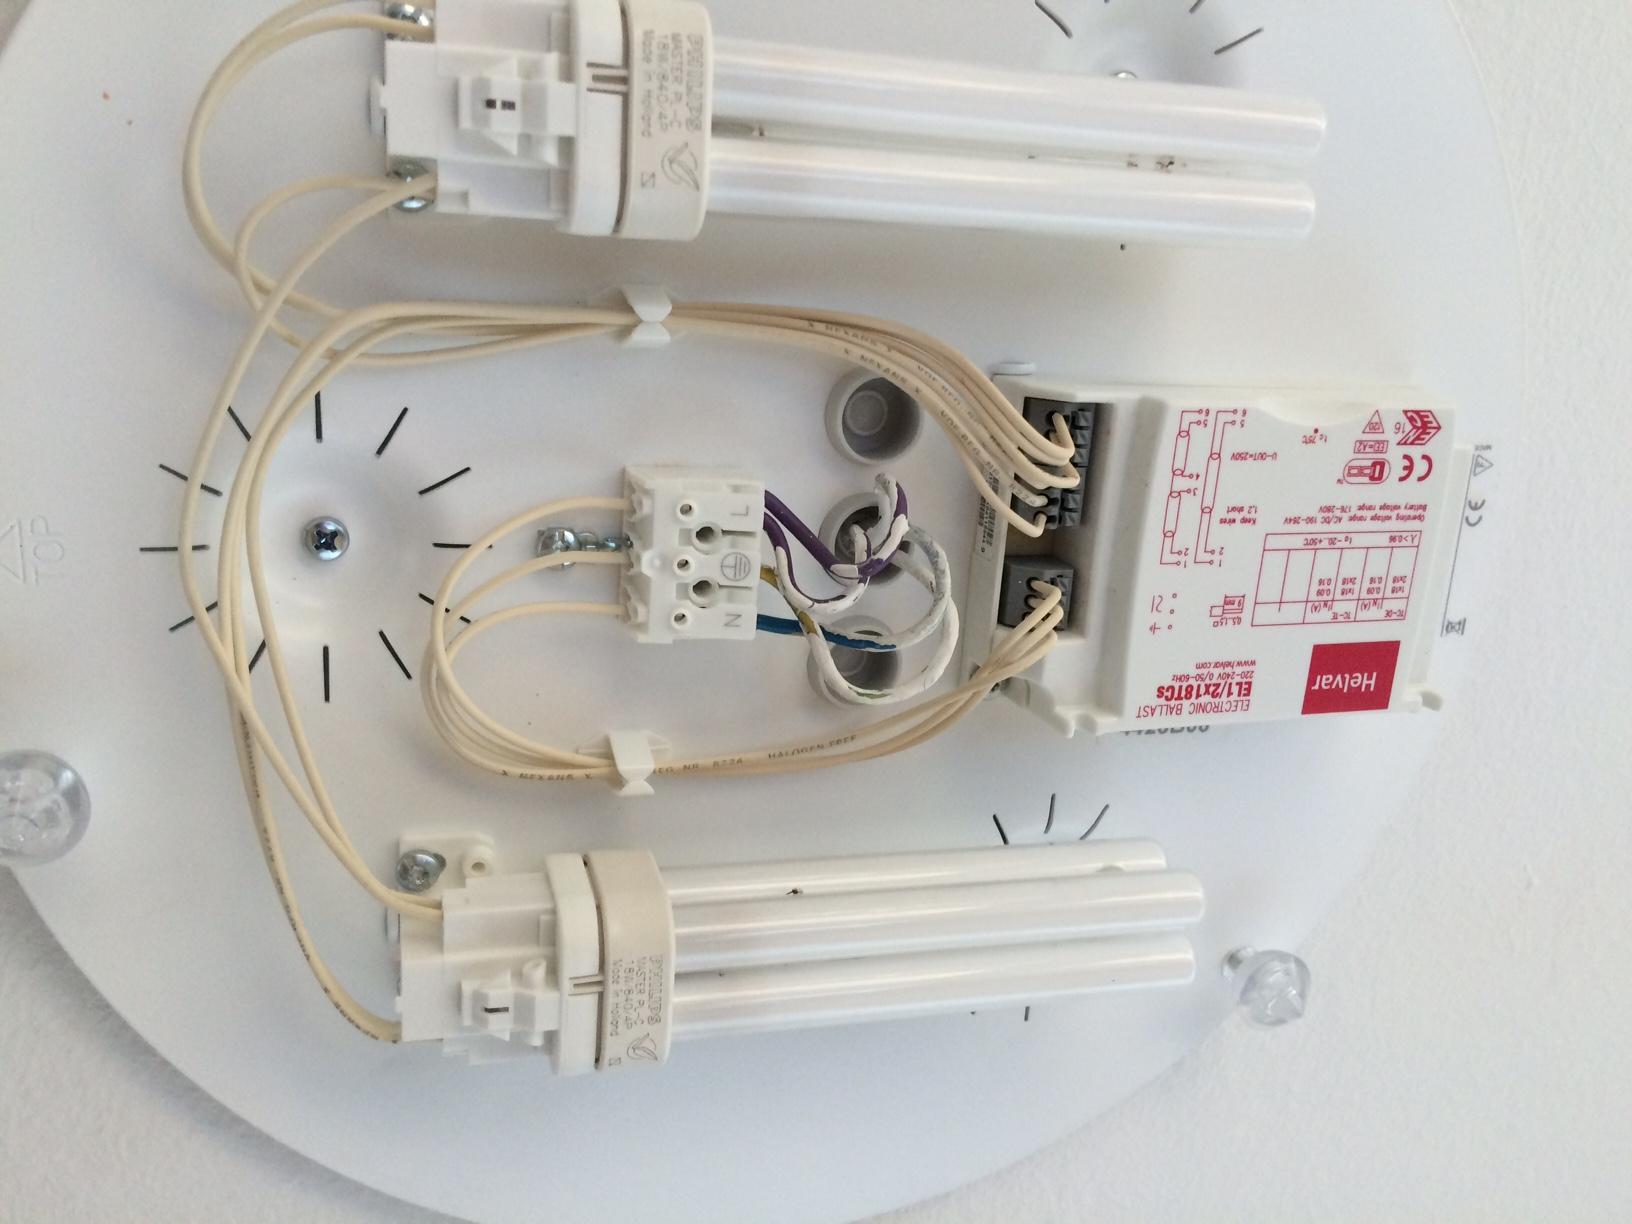 wie schlie e ich diese lampe an 4 kabel kommen aus decke. Black Bedroom Furniture Sets. Home Design Ideas